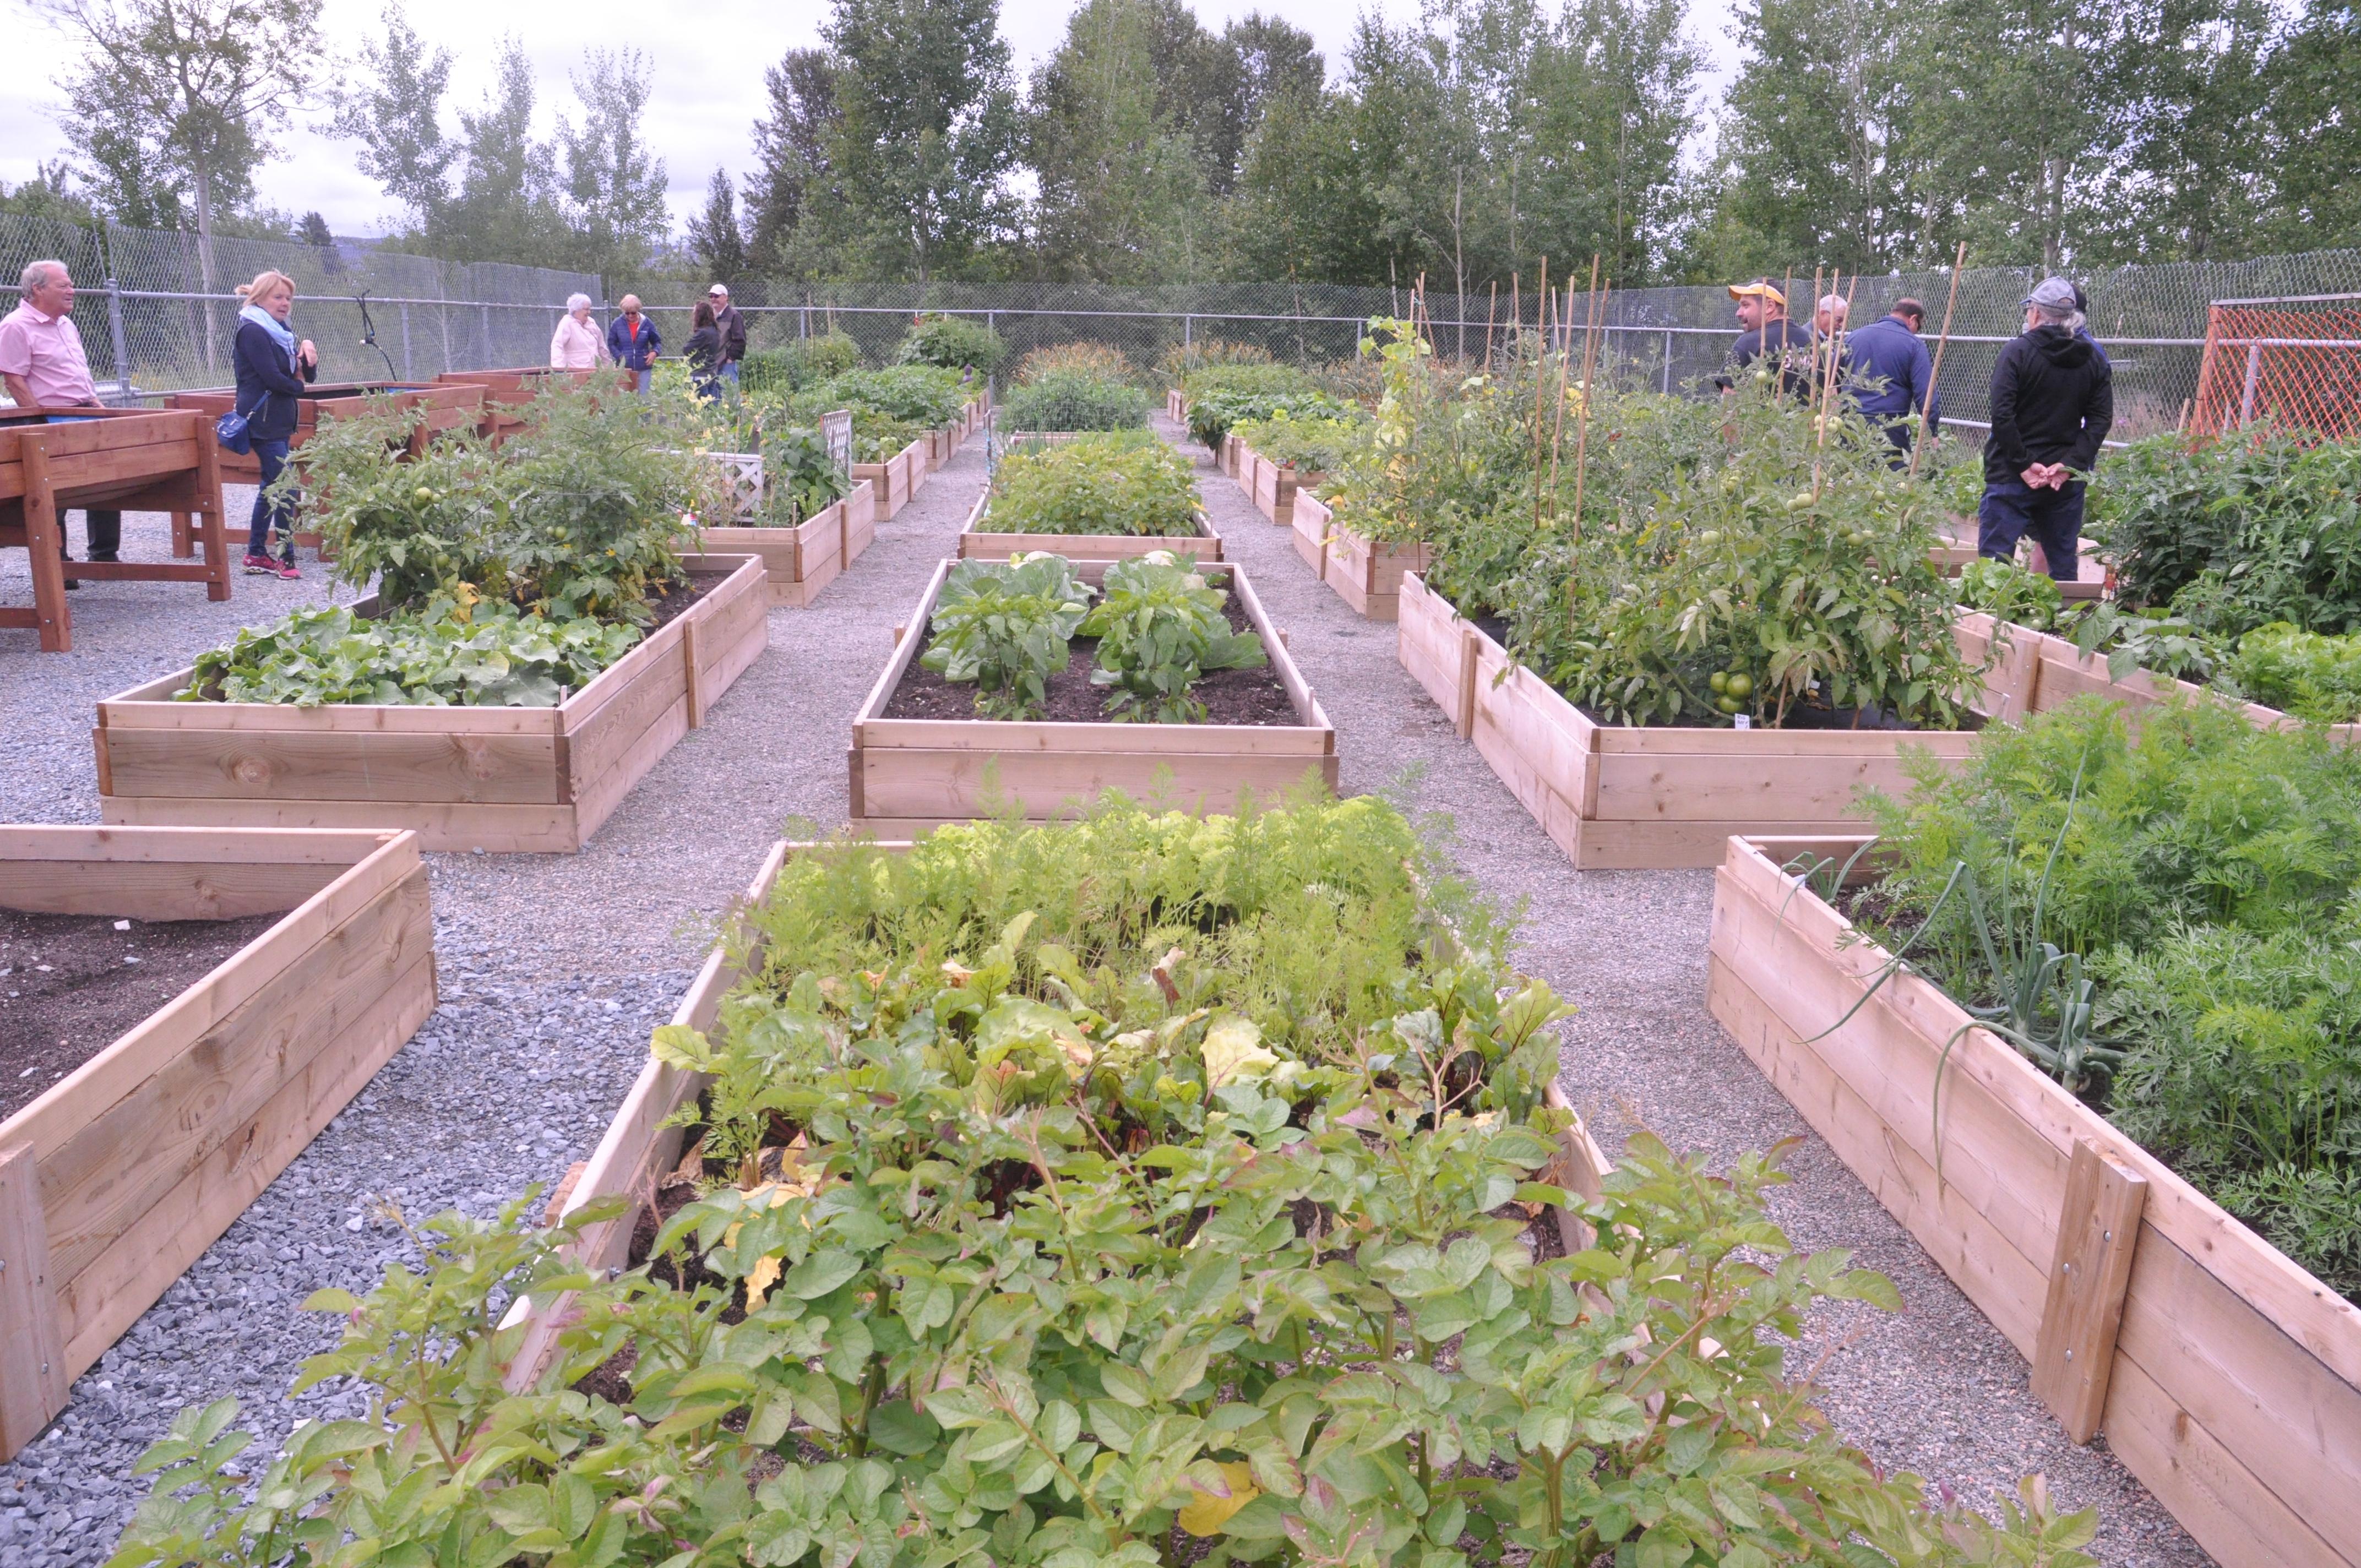 Jardin communautaire de malartic